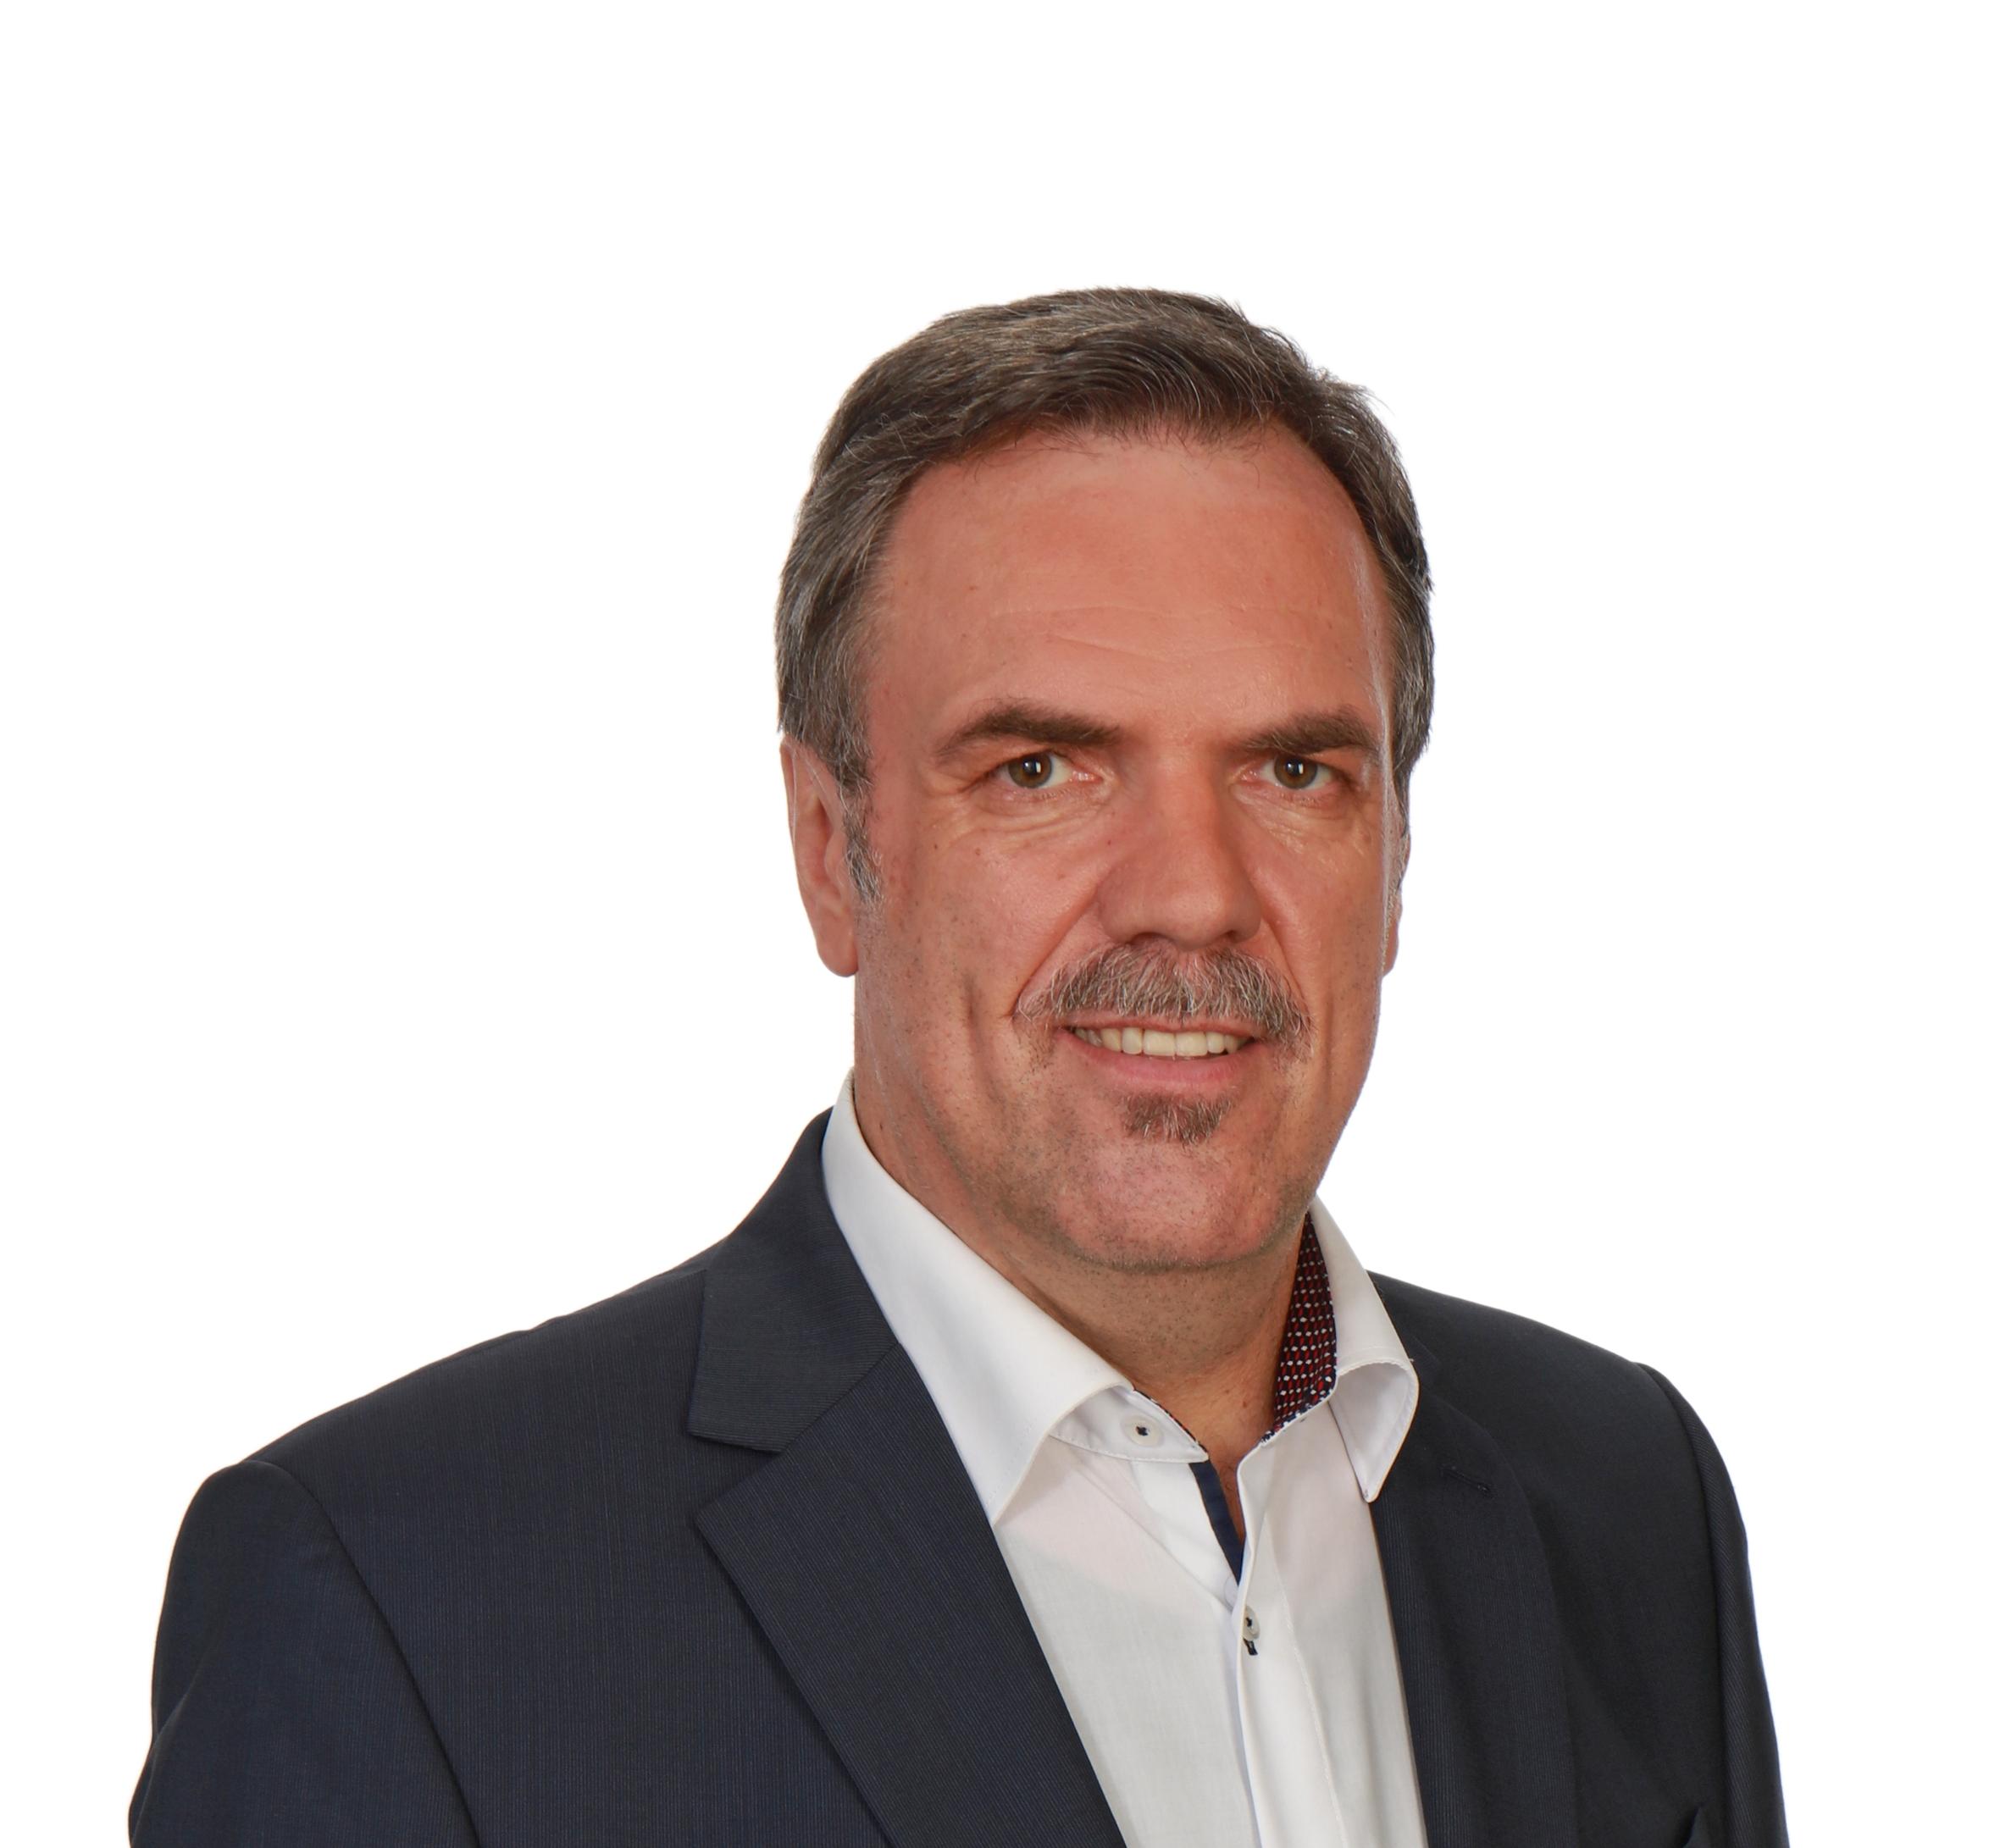 Hans-Rudi Bührle